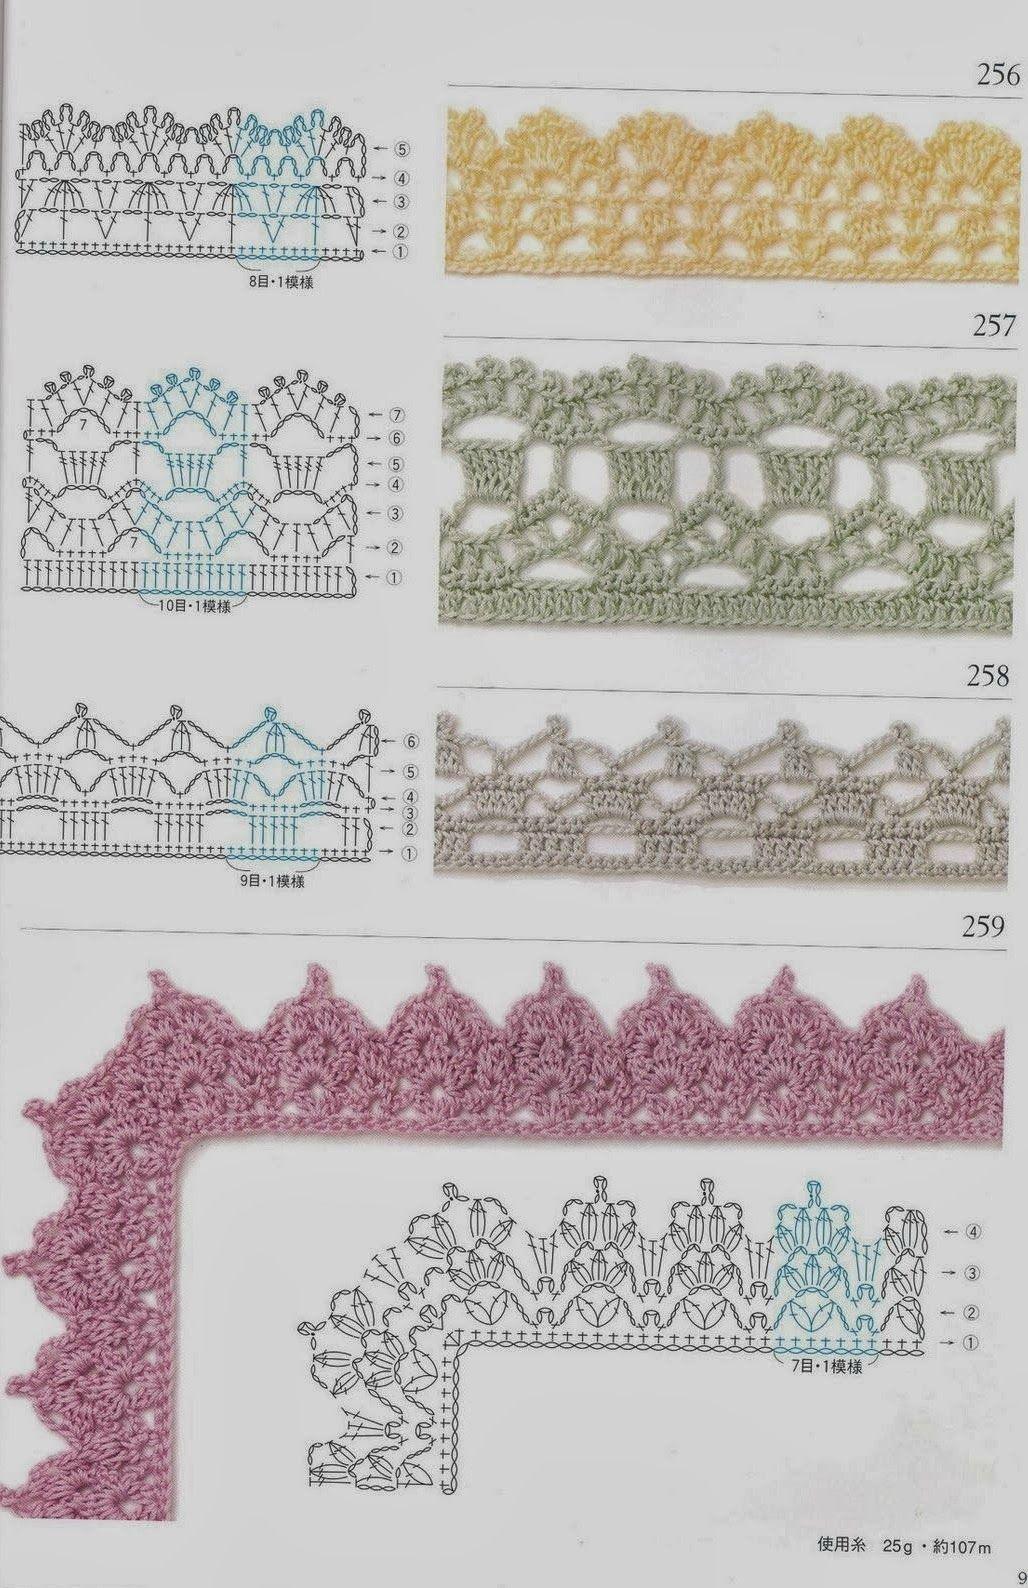 MES FAVORIS TRICOT-CROCHET: 75 bordures au crochet | Bordes tejidos ...